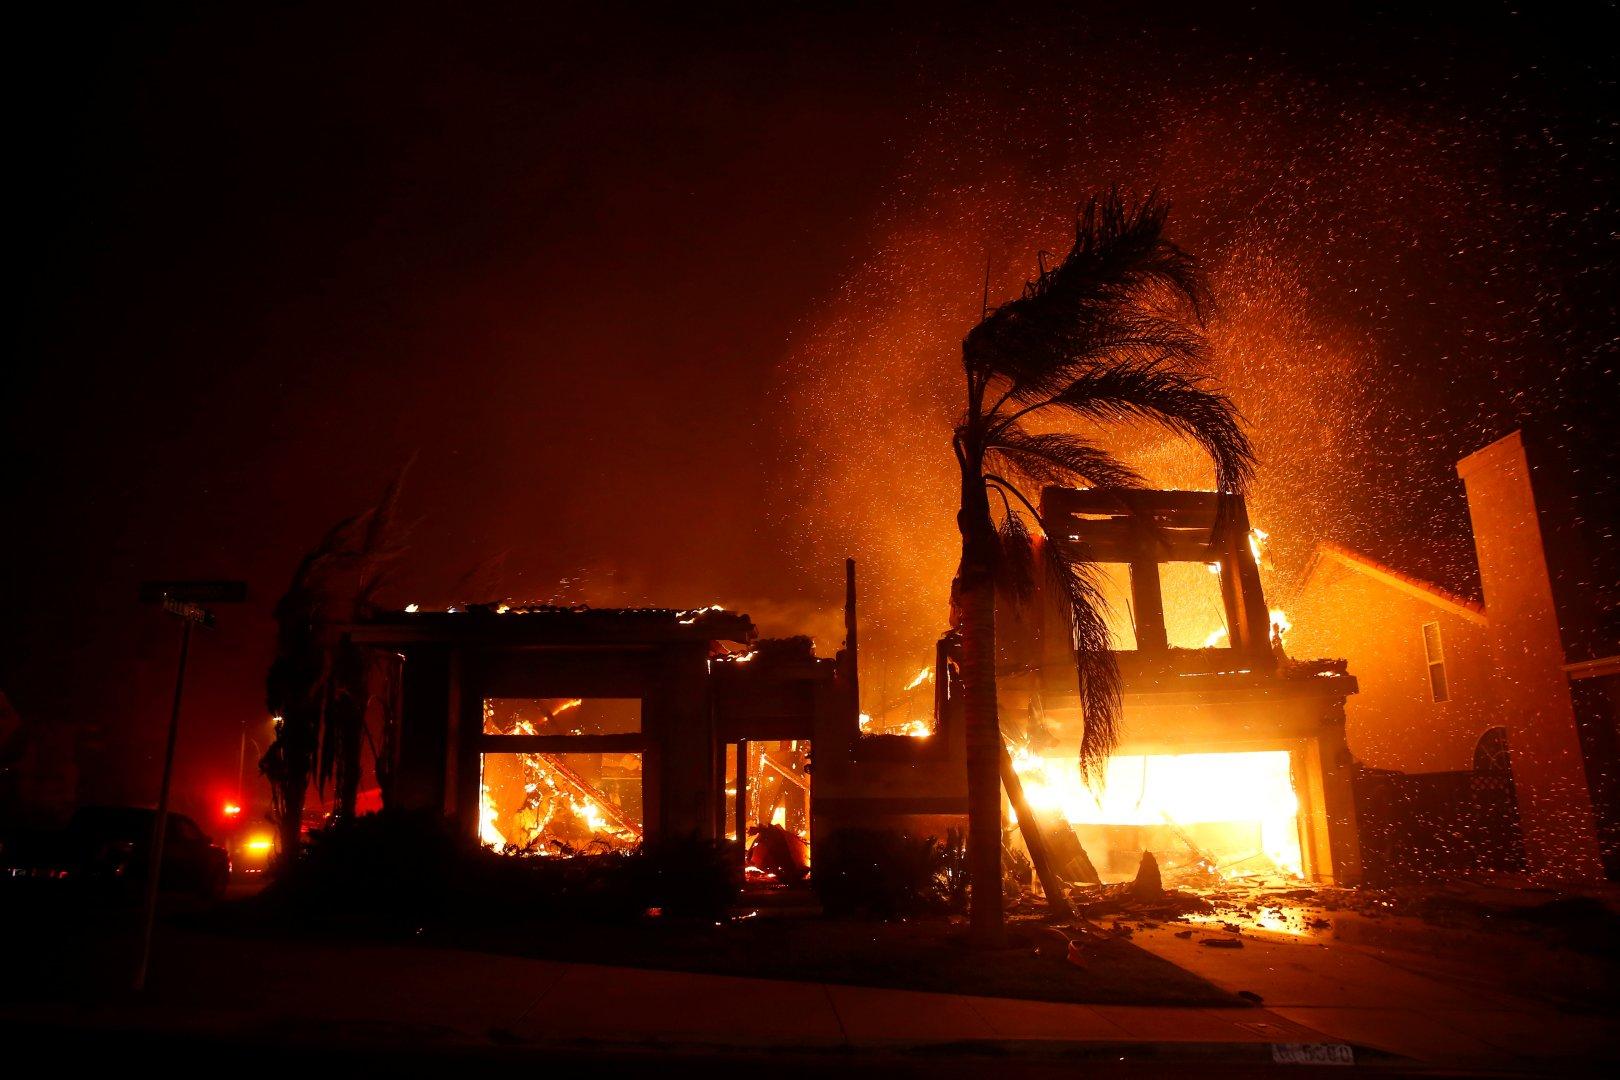 Мощный пожар в Калифорнии уничтожил город, есть пострадавшие - СМИ